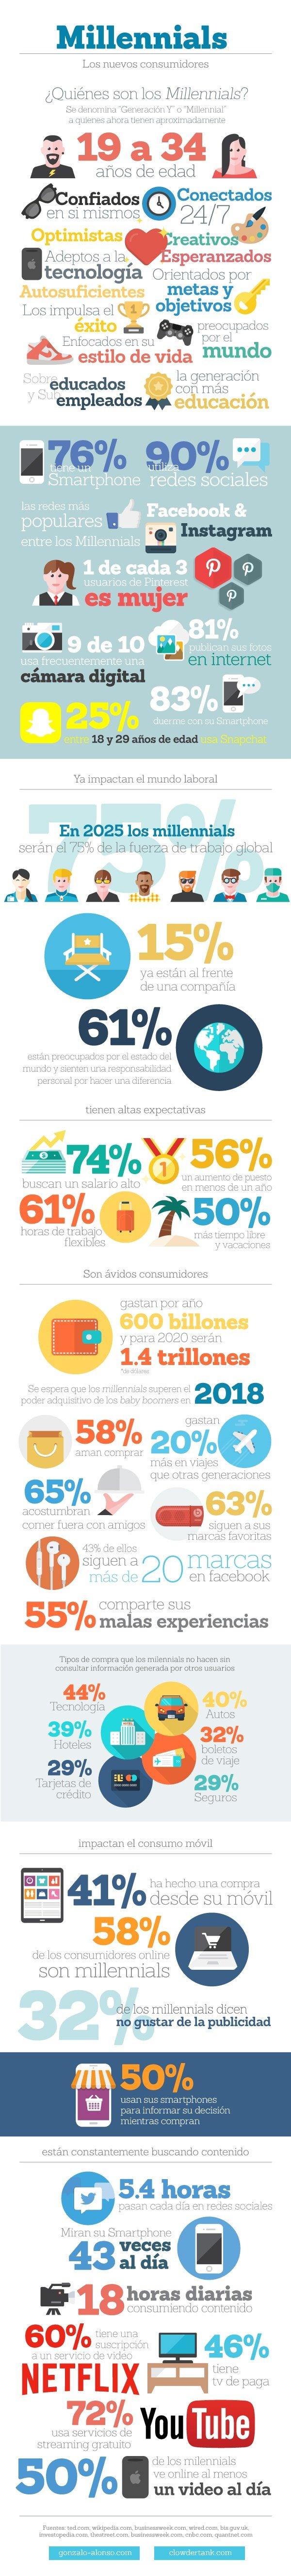 infografia-millennial